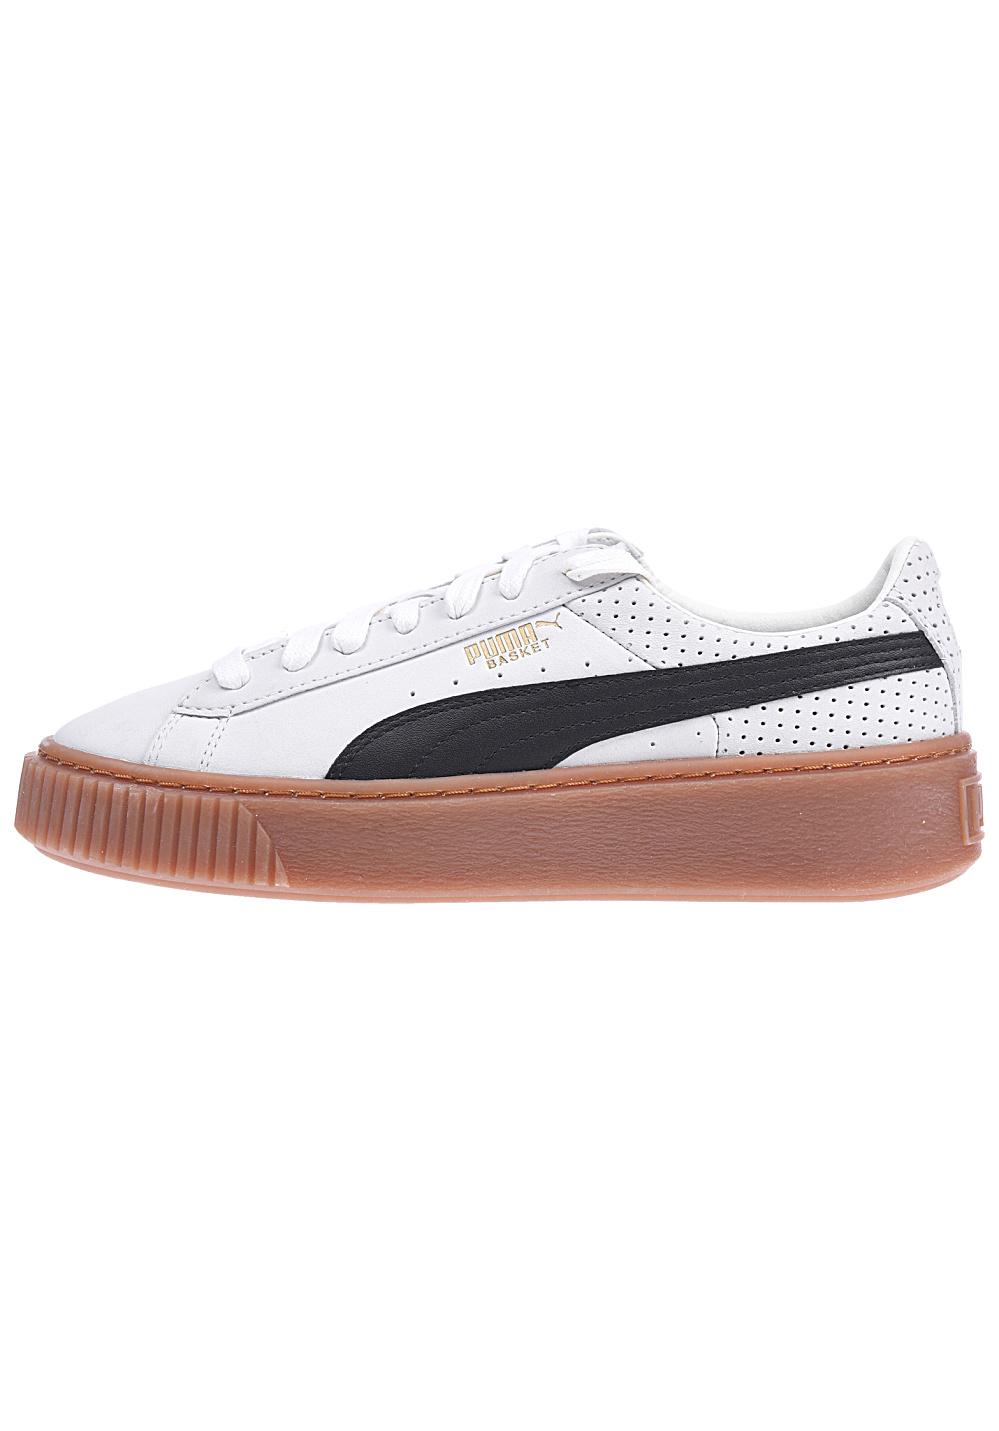 puma-basket-platform-perf-gum-baskets-femmes-beiges